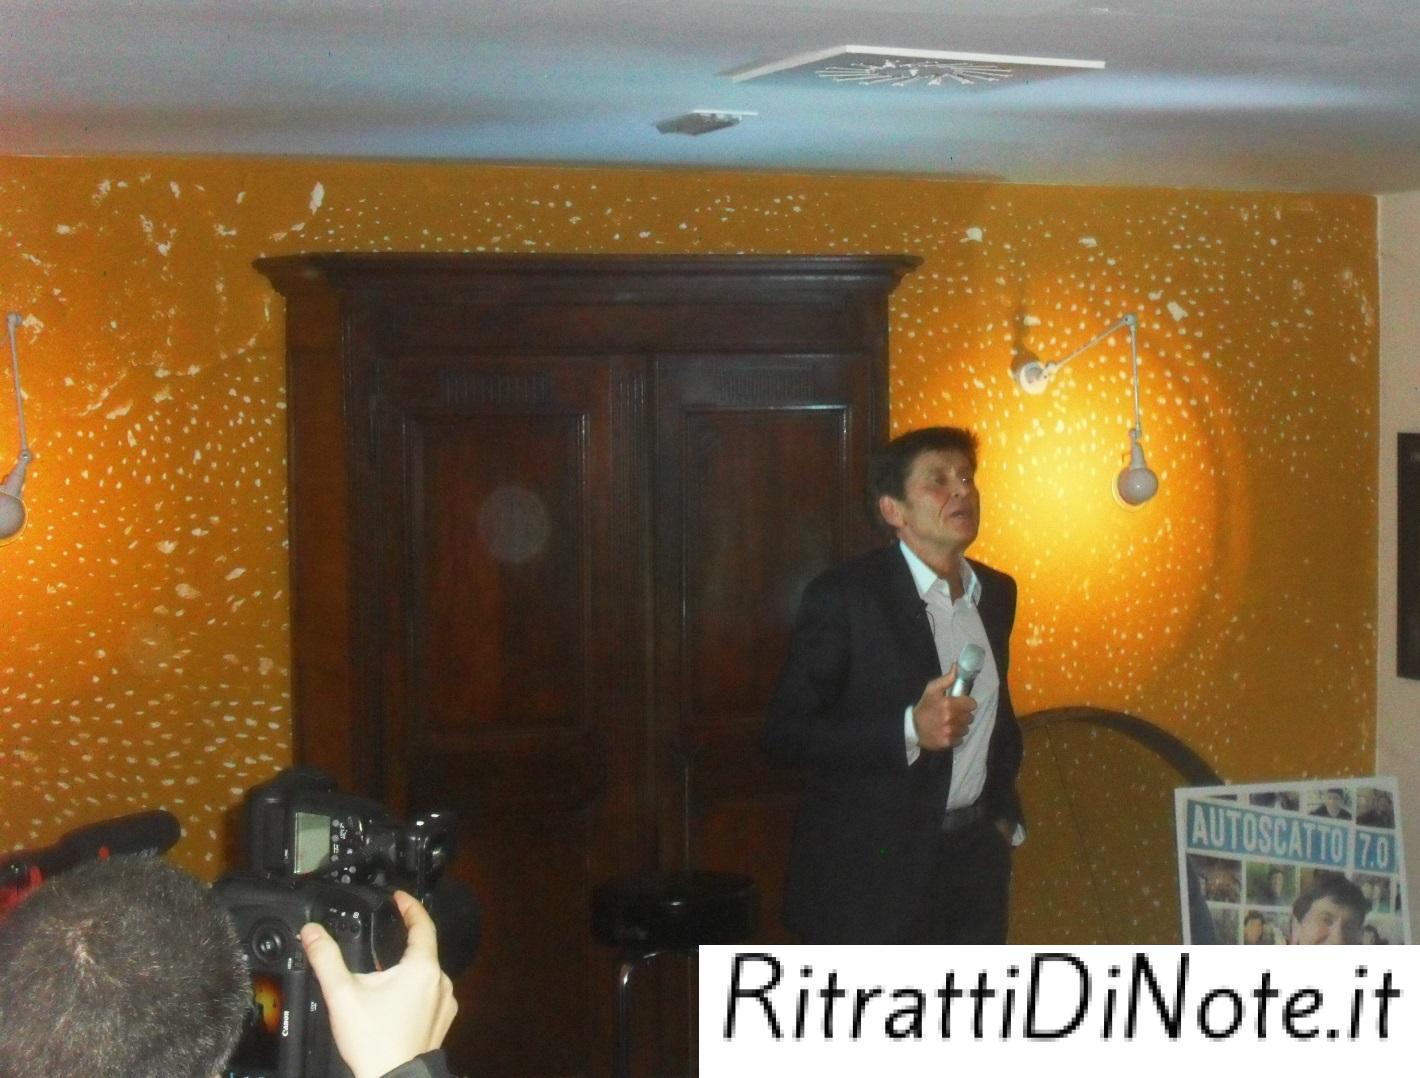 Gianni Morandi durante la conferenza stampa a MIlano